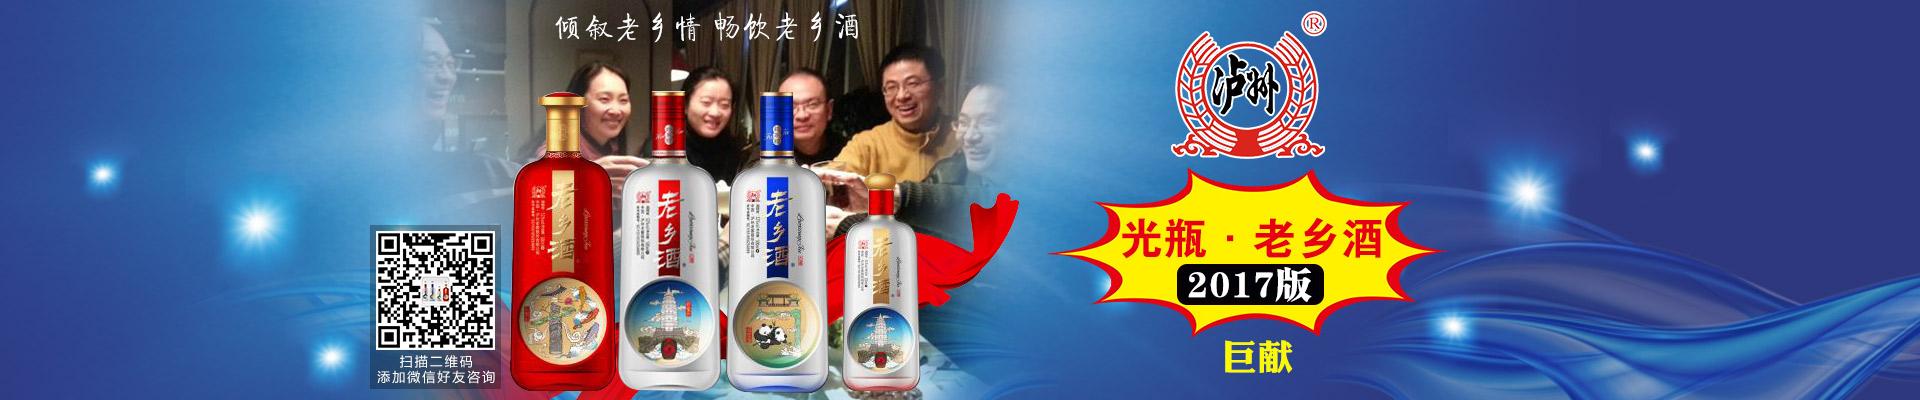 中国・泸州老窖股份有限公司出品红高粱与老乡酒